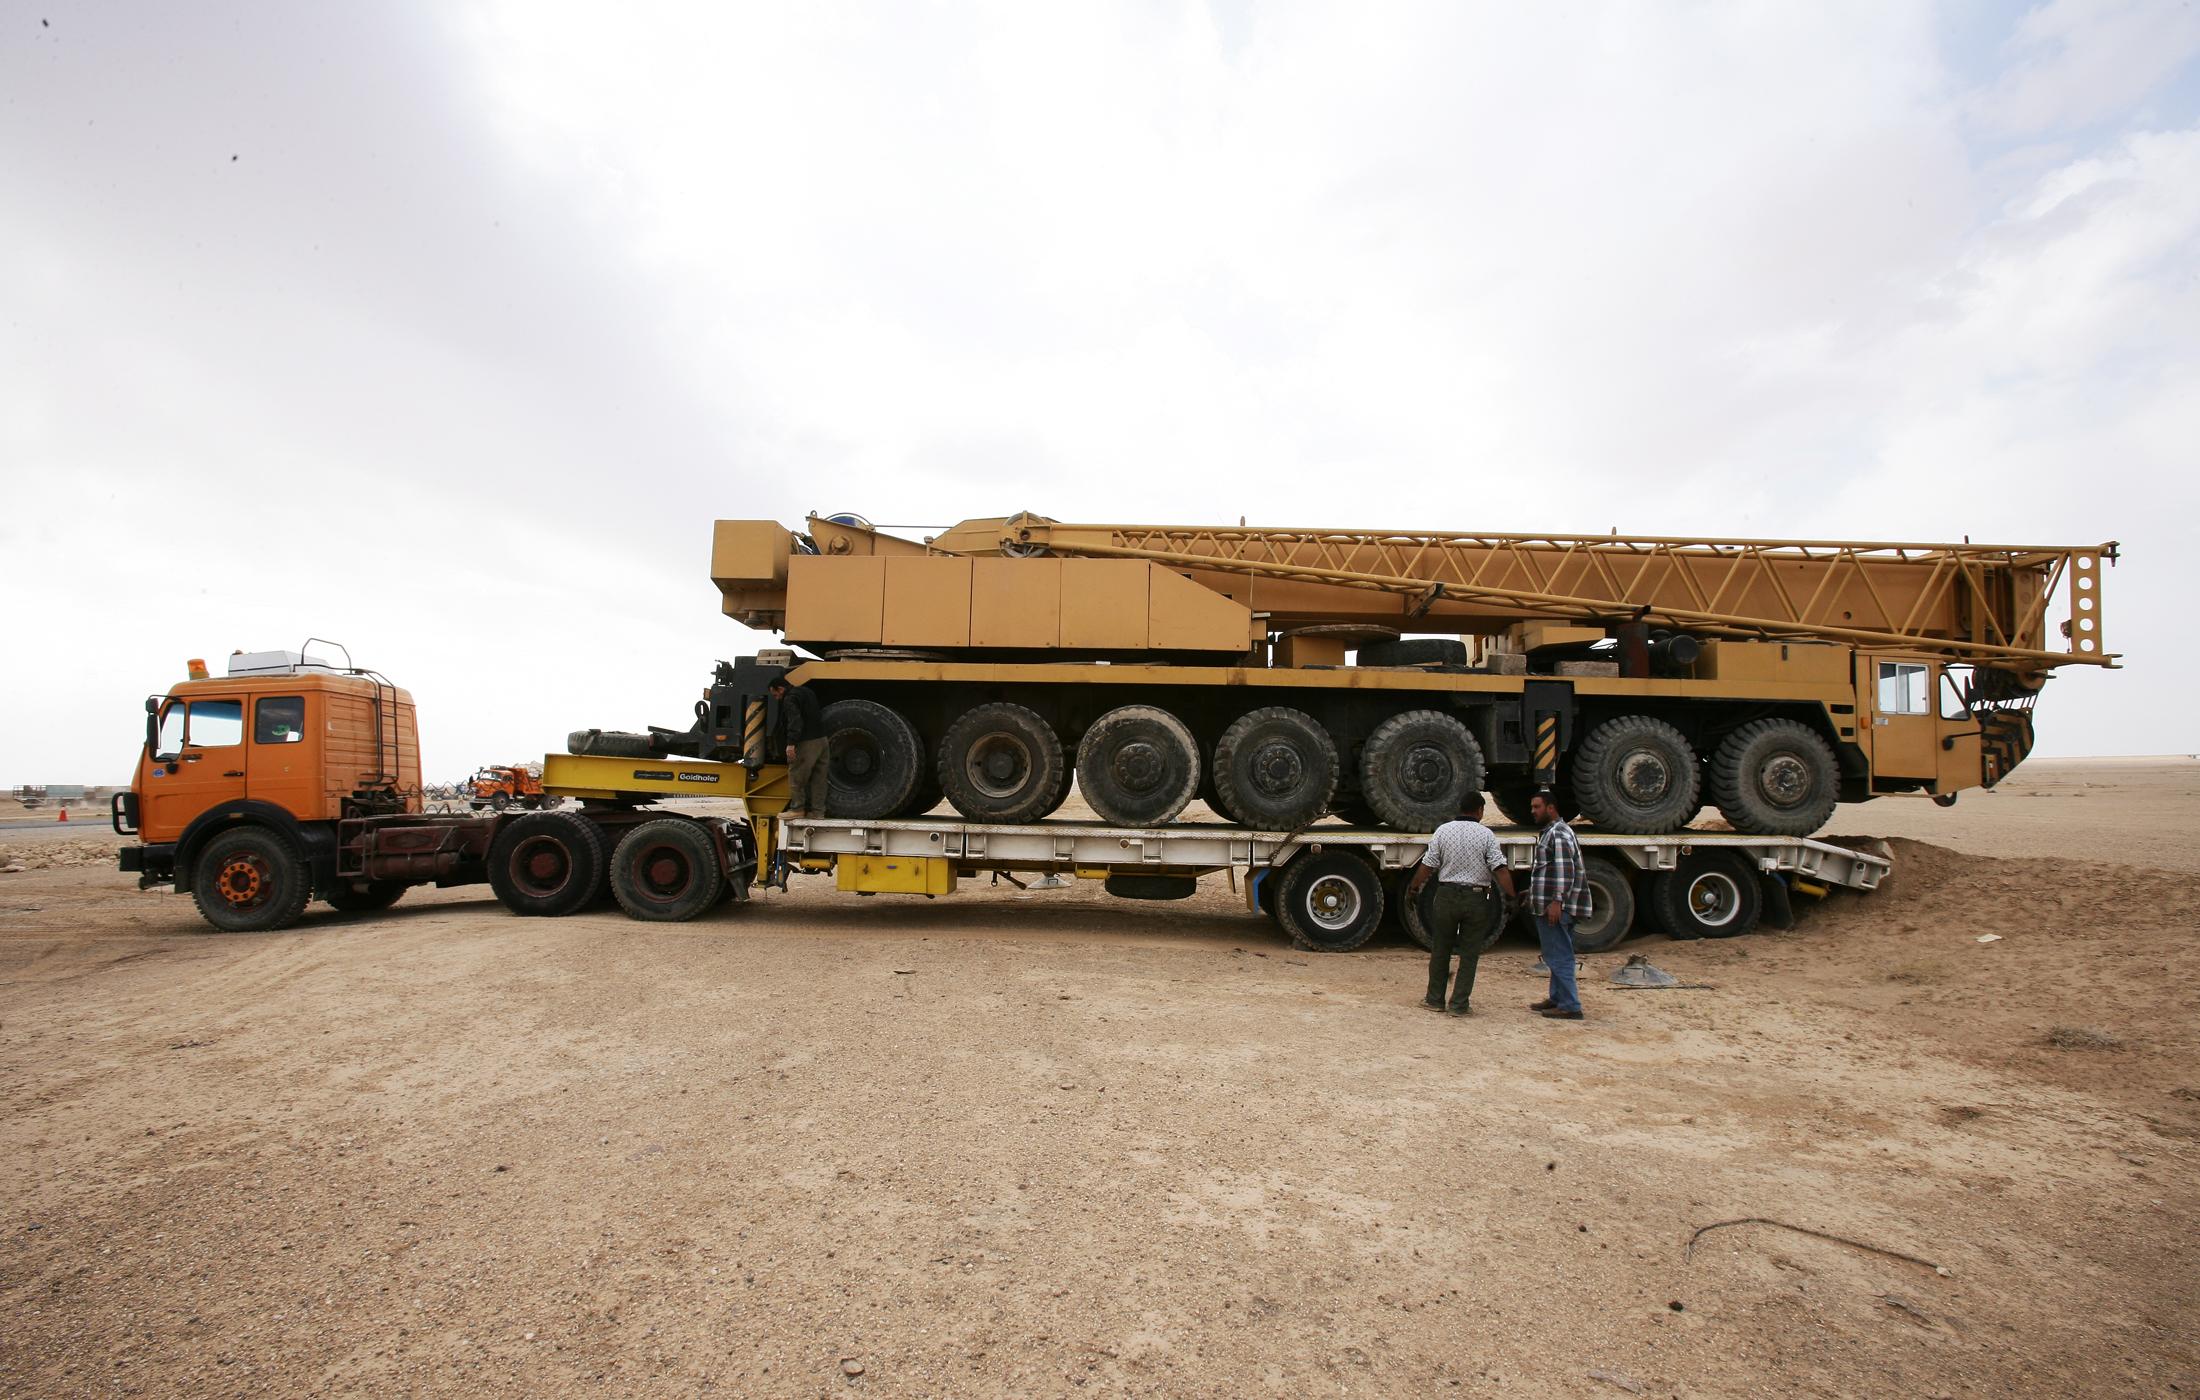 filecrane truck on